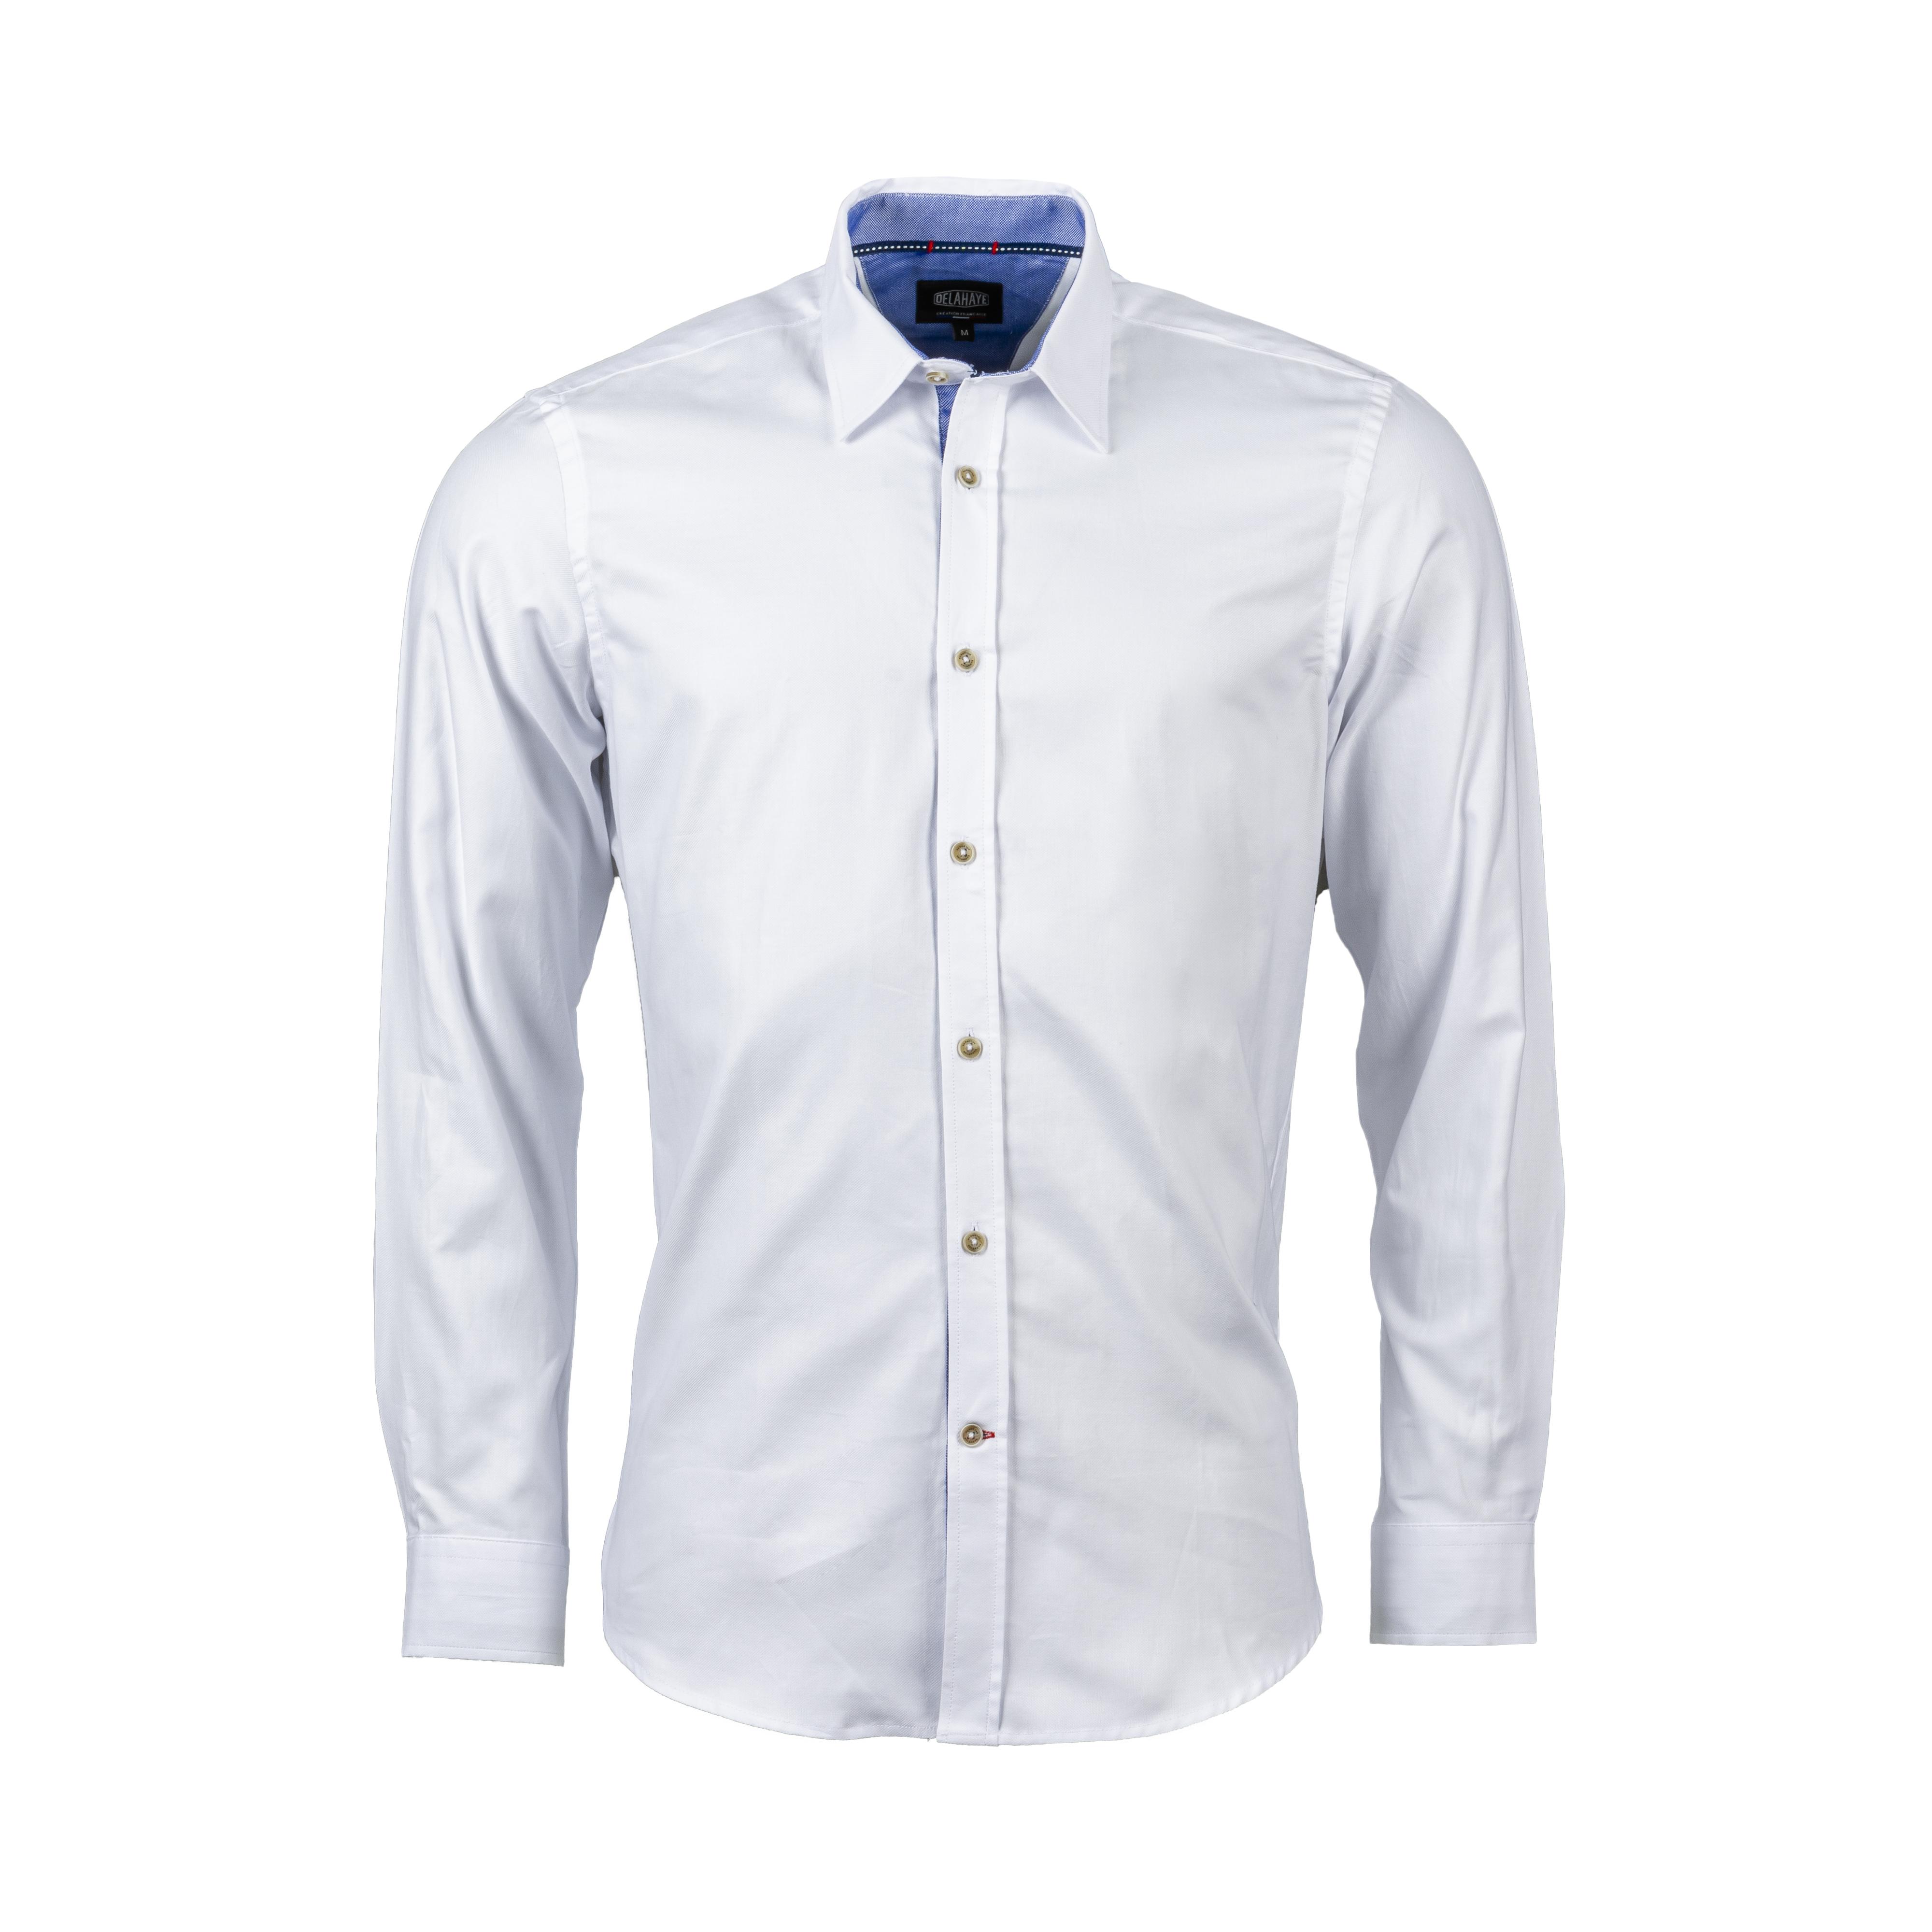 Chemise ajustée Delahaye en coton piqué blanc à détails en suédine marron